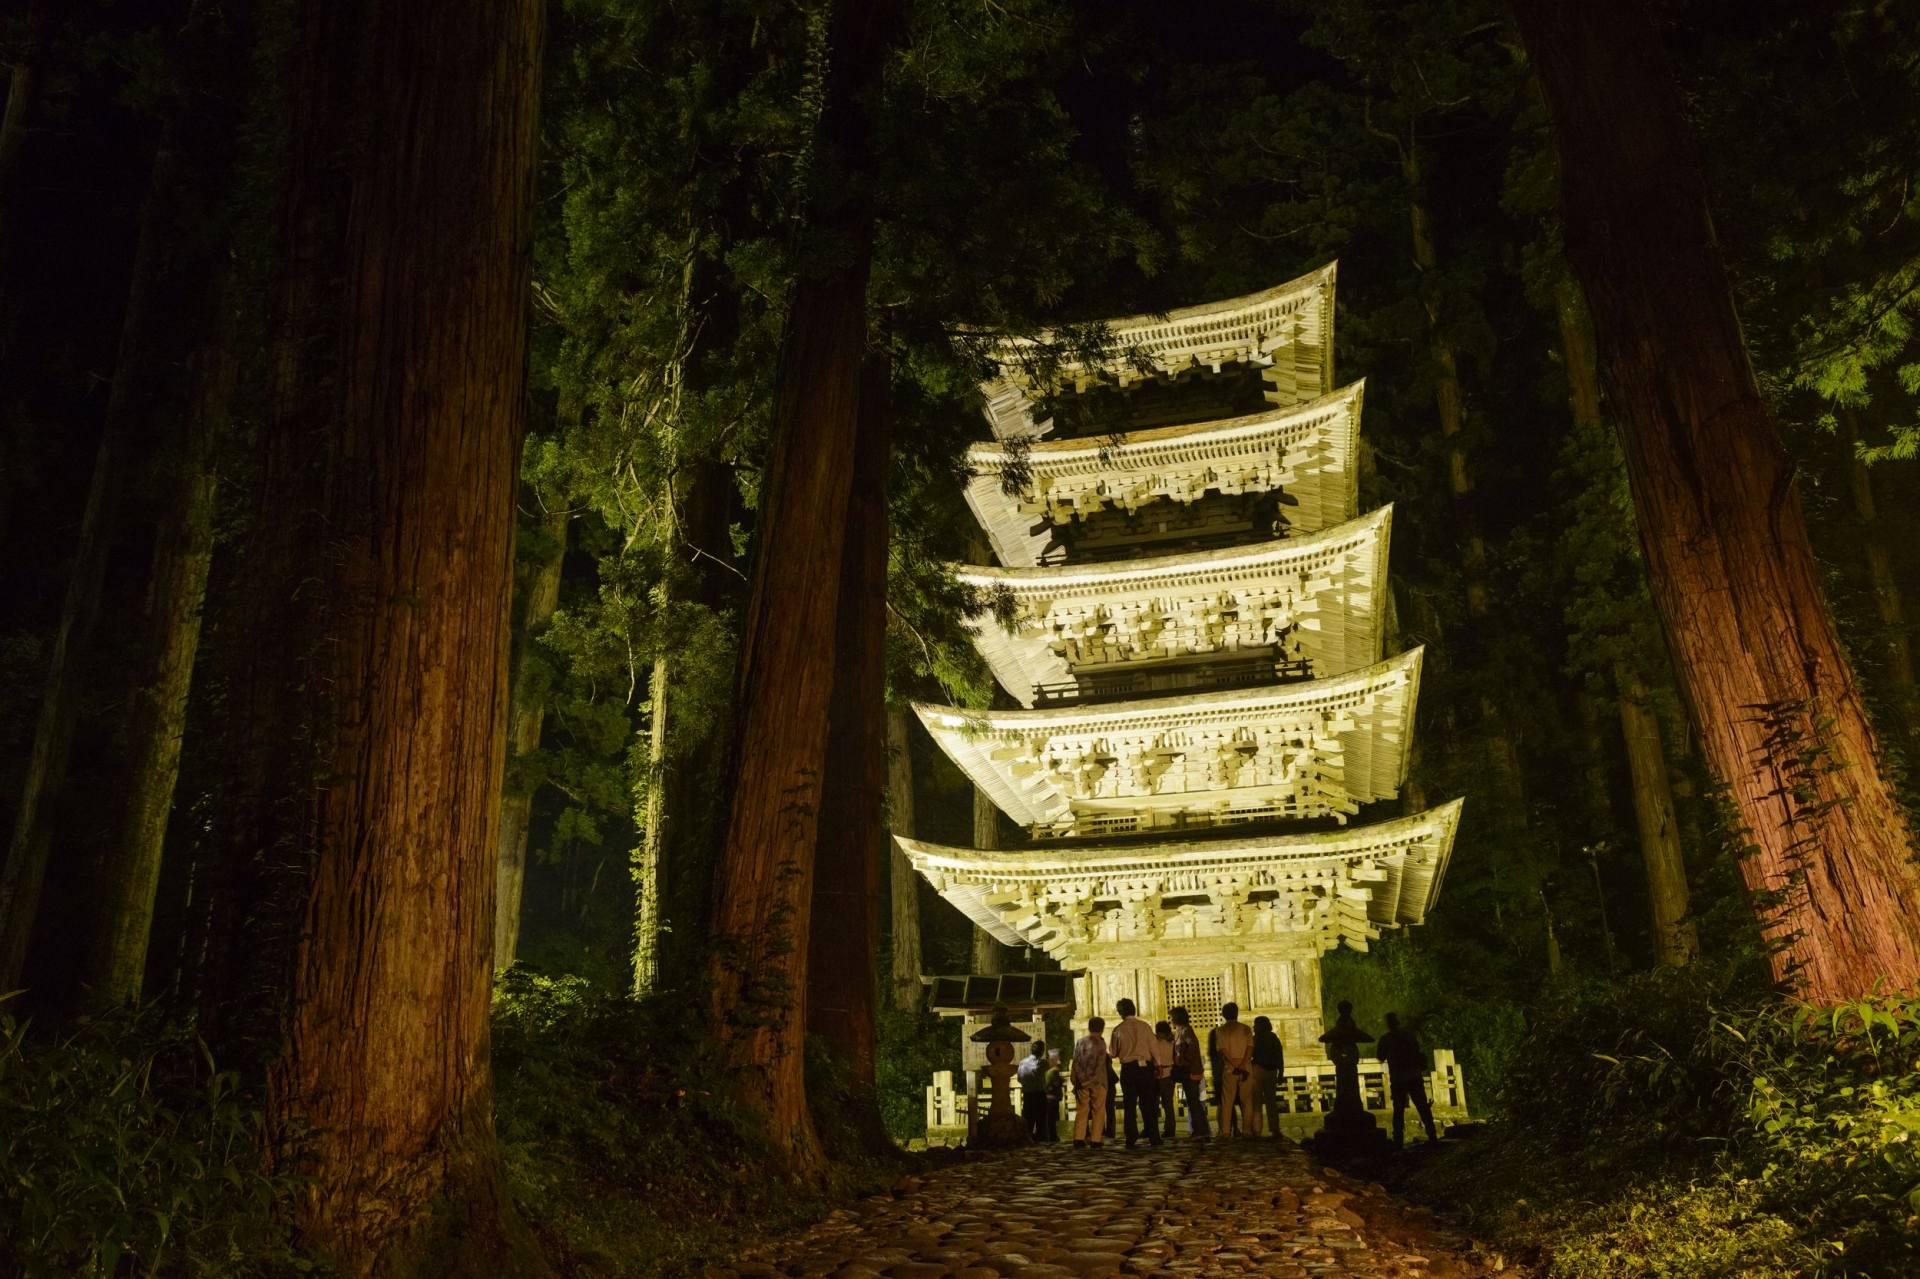 聳立杉林間的國寶「五重塔」